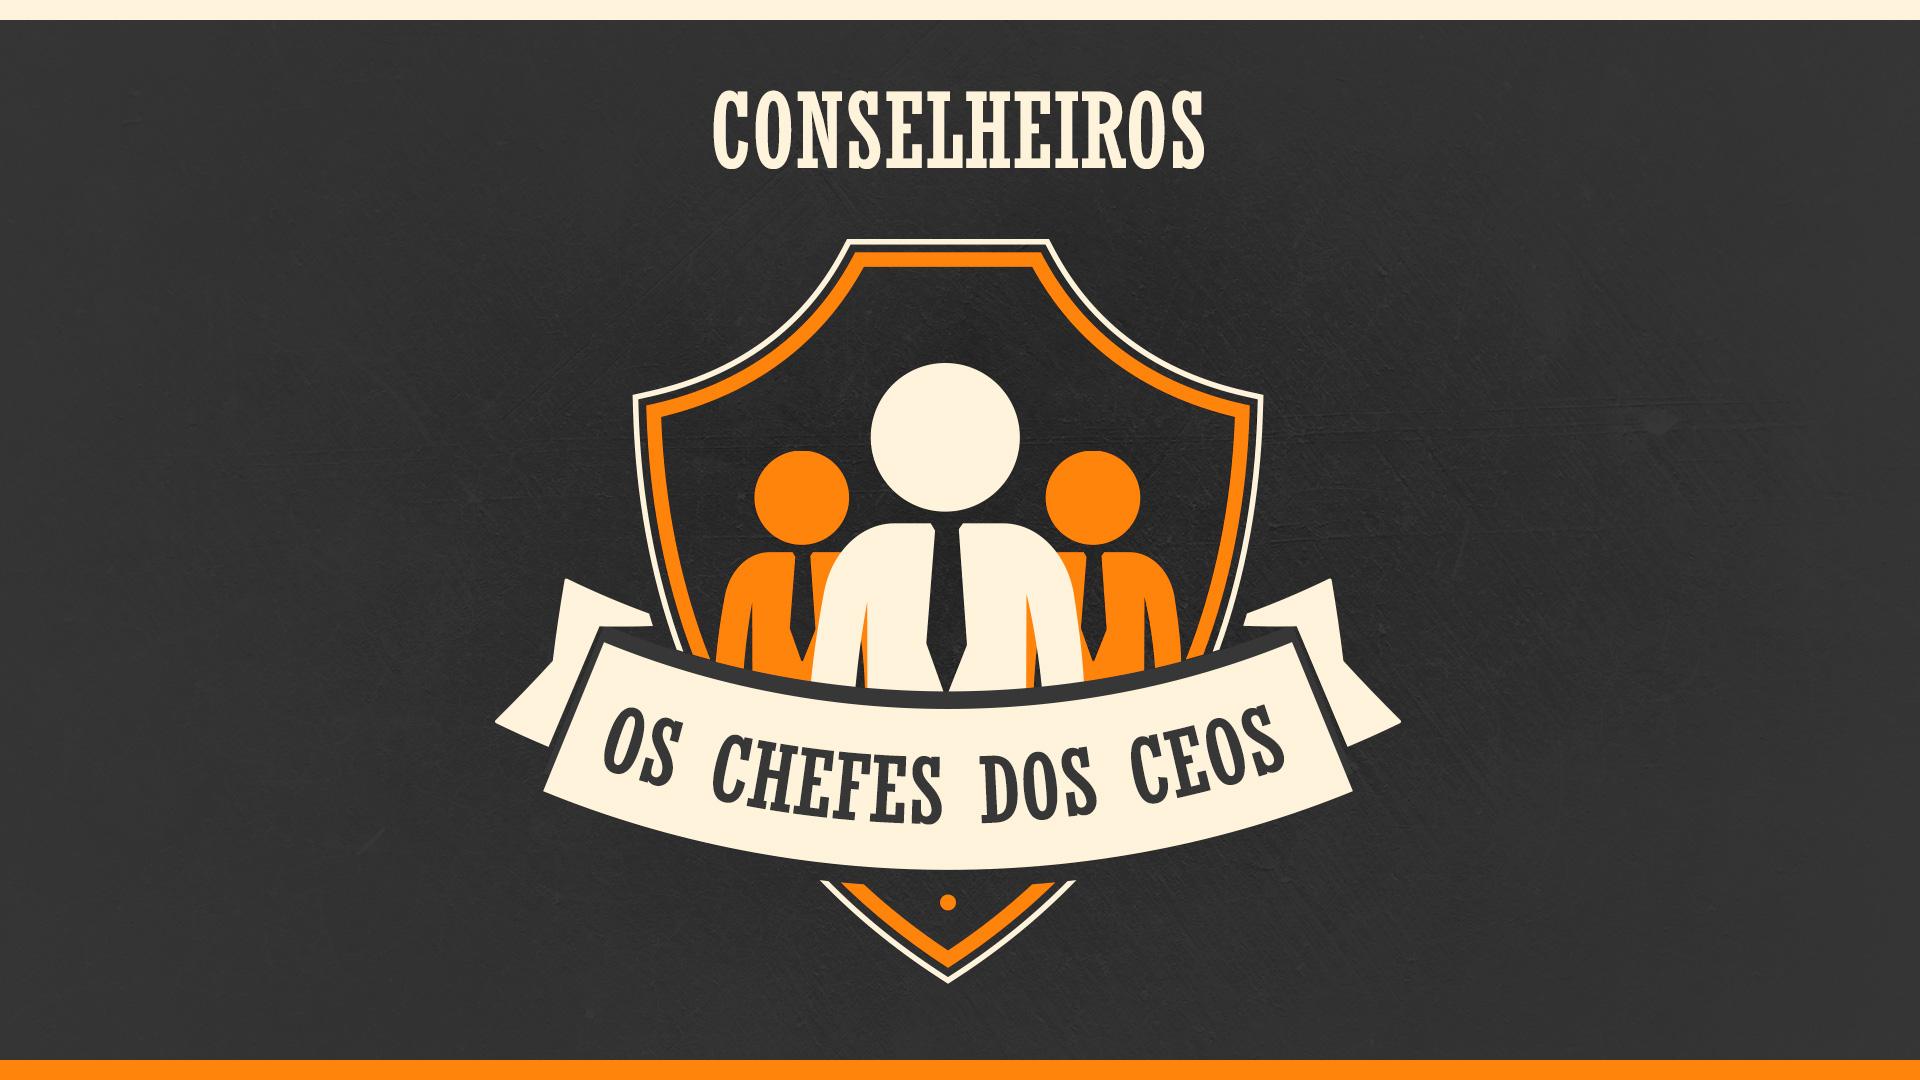 Selo Chefes dos CEOs - conselho de administração